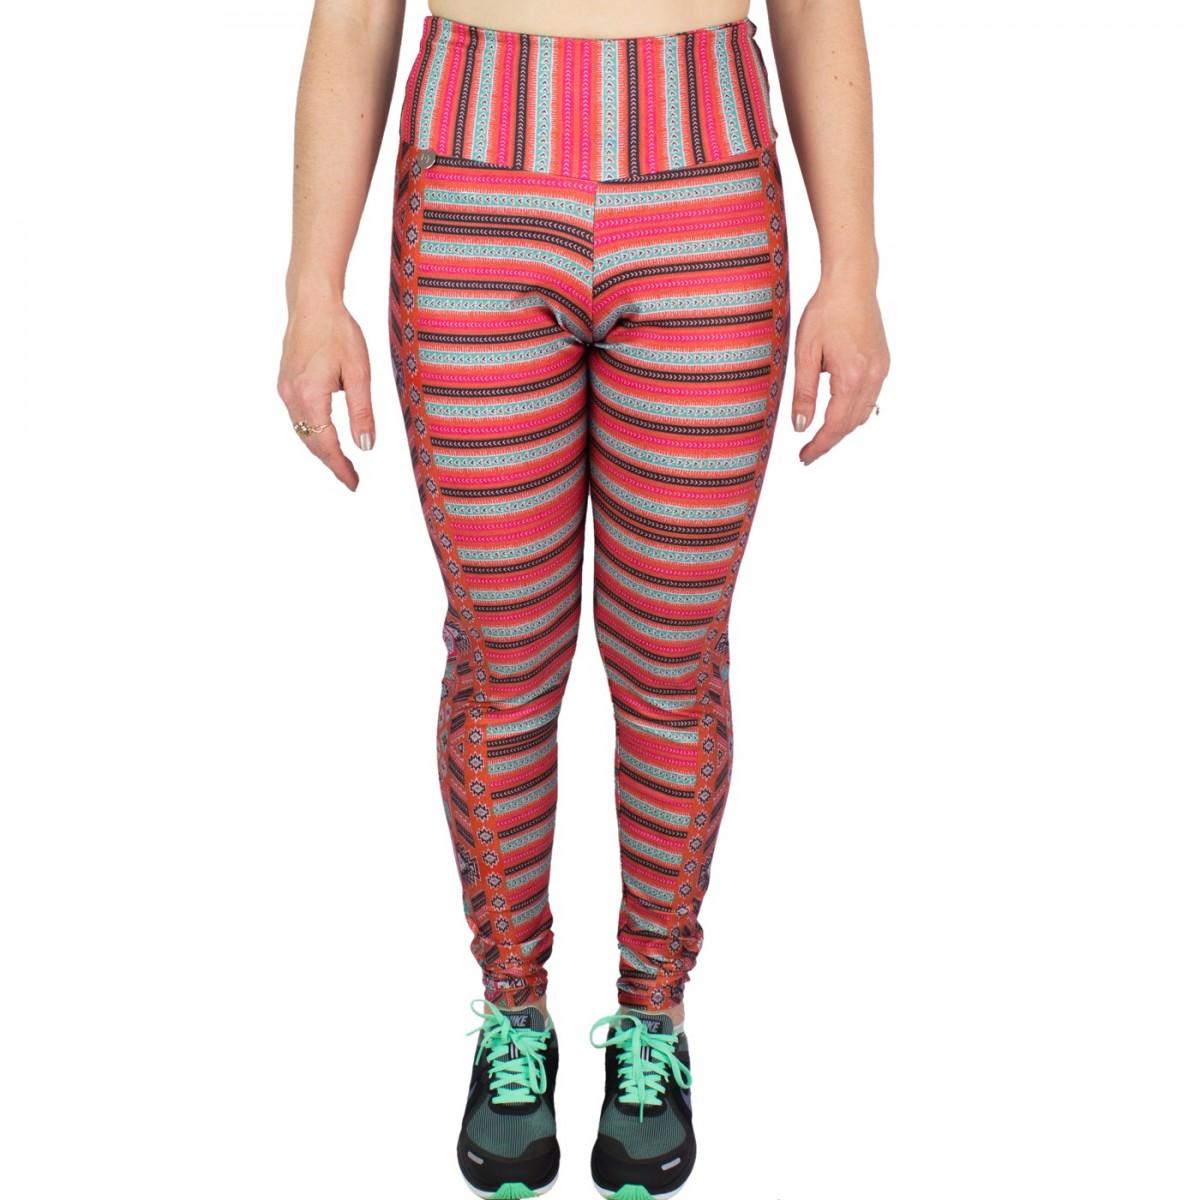 Bizz Store - Calça Legging Feminina Rosa Tatuada Casual Fit Cirrê 90fe6238bb3a9